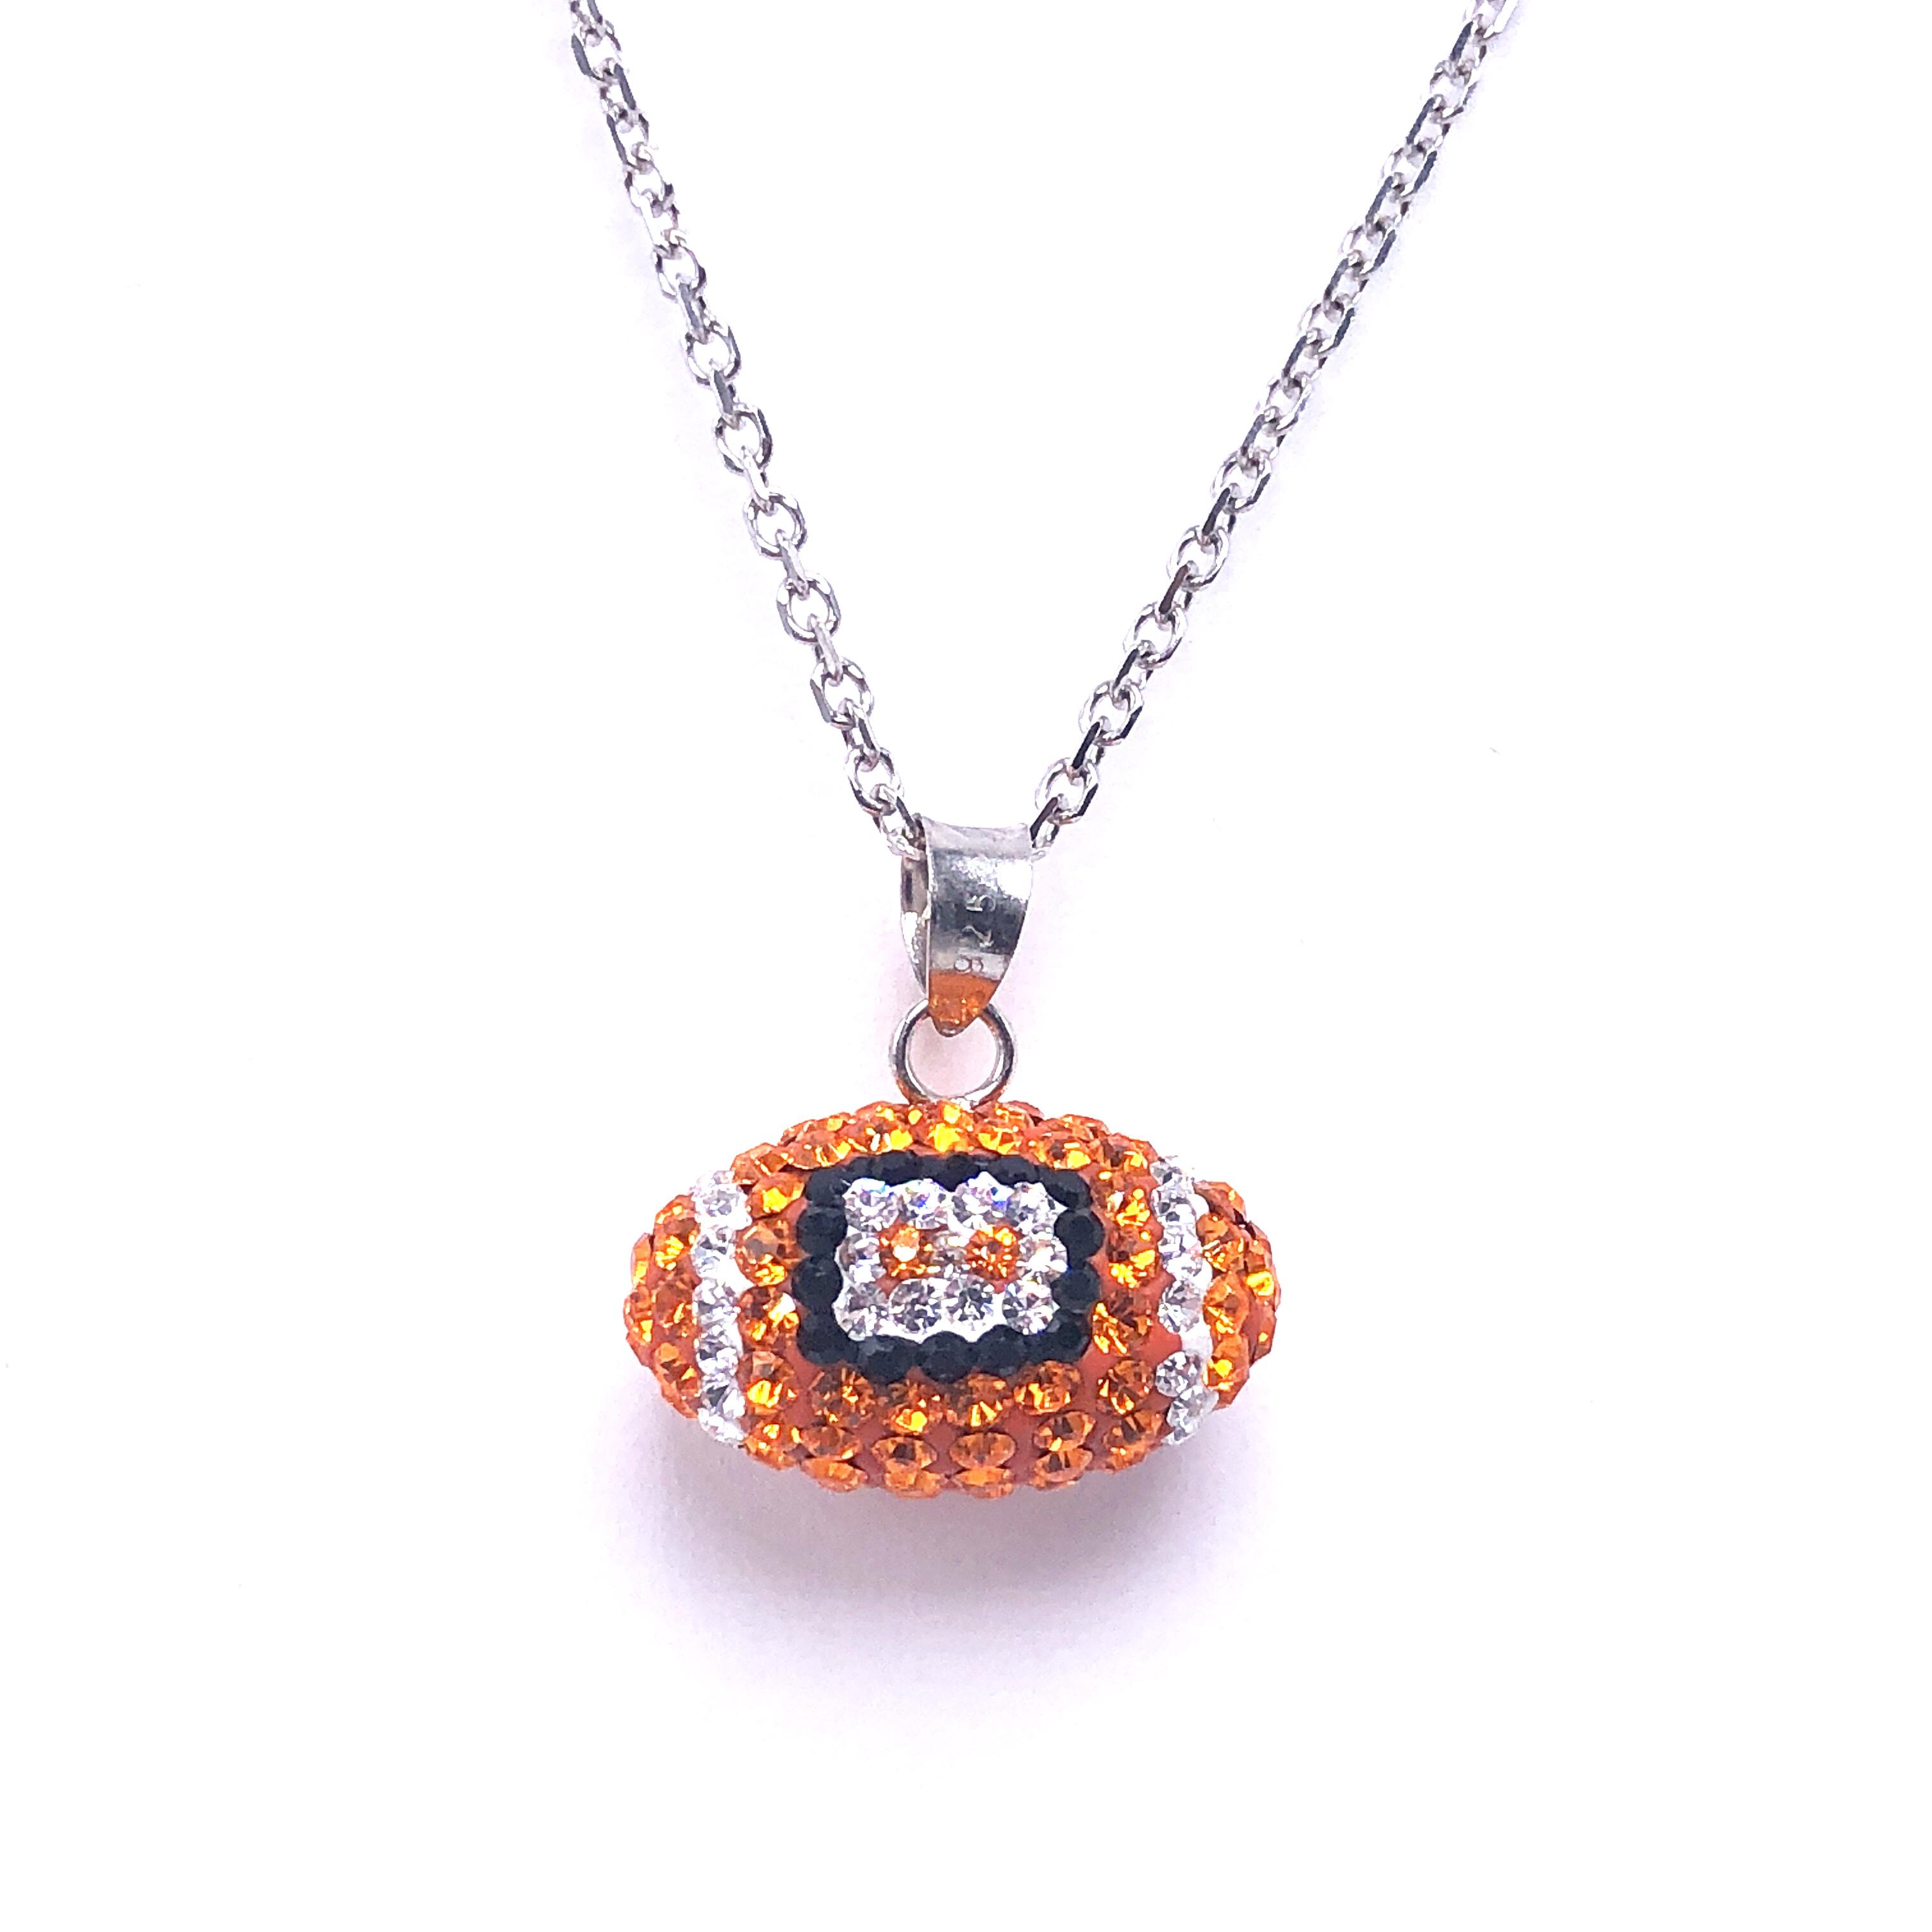 https://www.henrywilsonjewelers.com/upload/product/5d55a120f9921c9f3e27cb58_826-00006.jpg